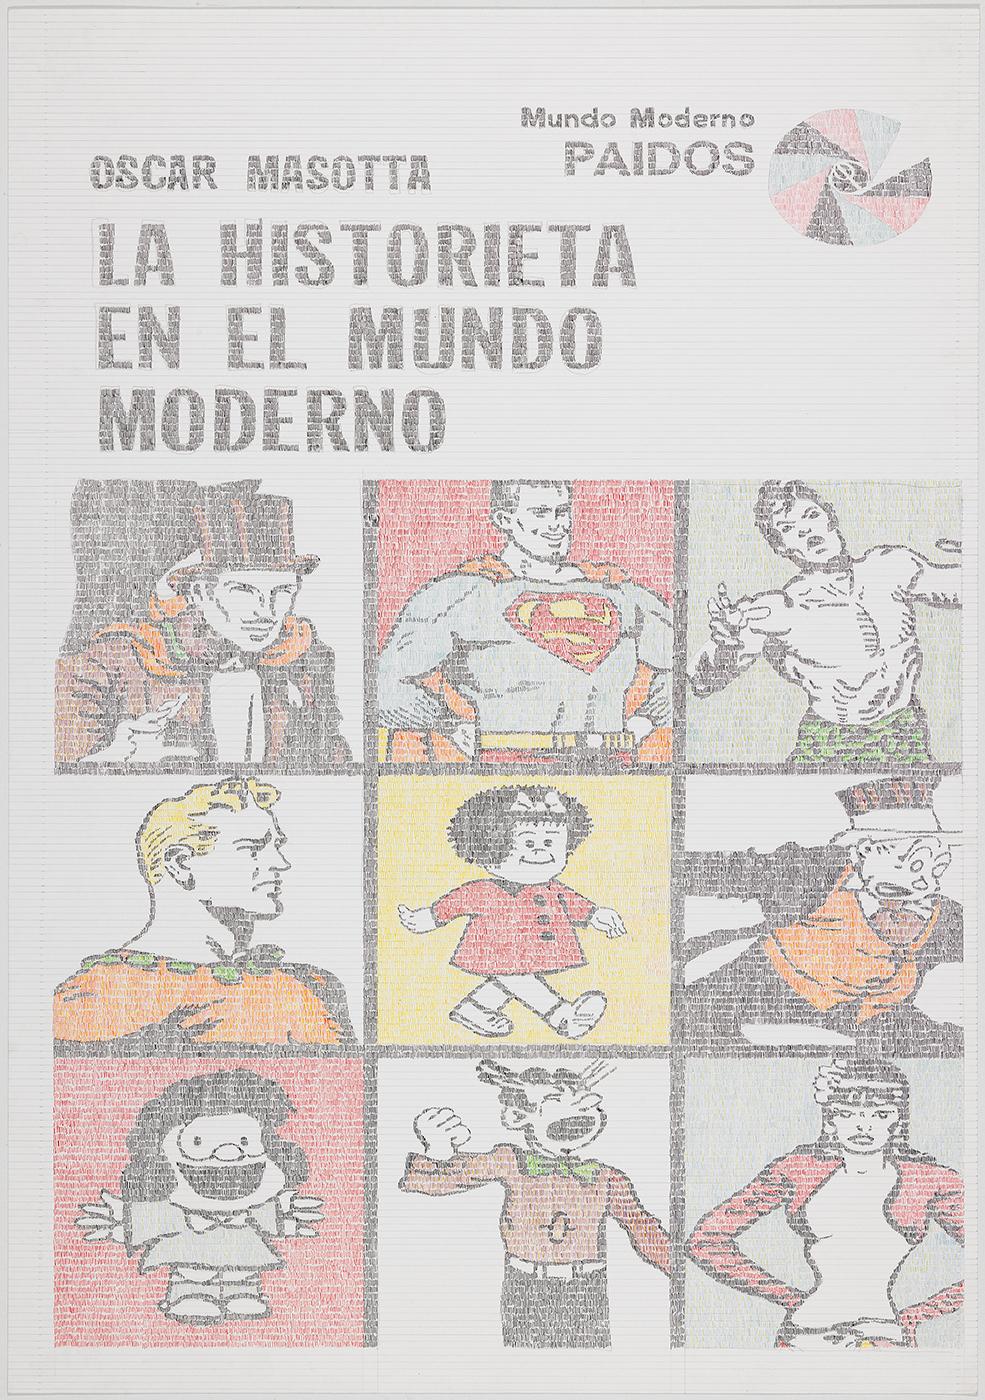 Gonzalo-Elvira-La-historieta-2017-Tinta-sobre-papel-100-x-70-cm